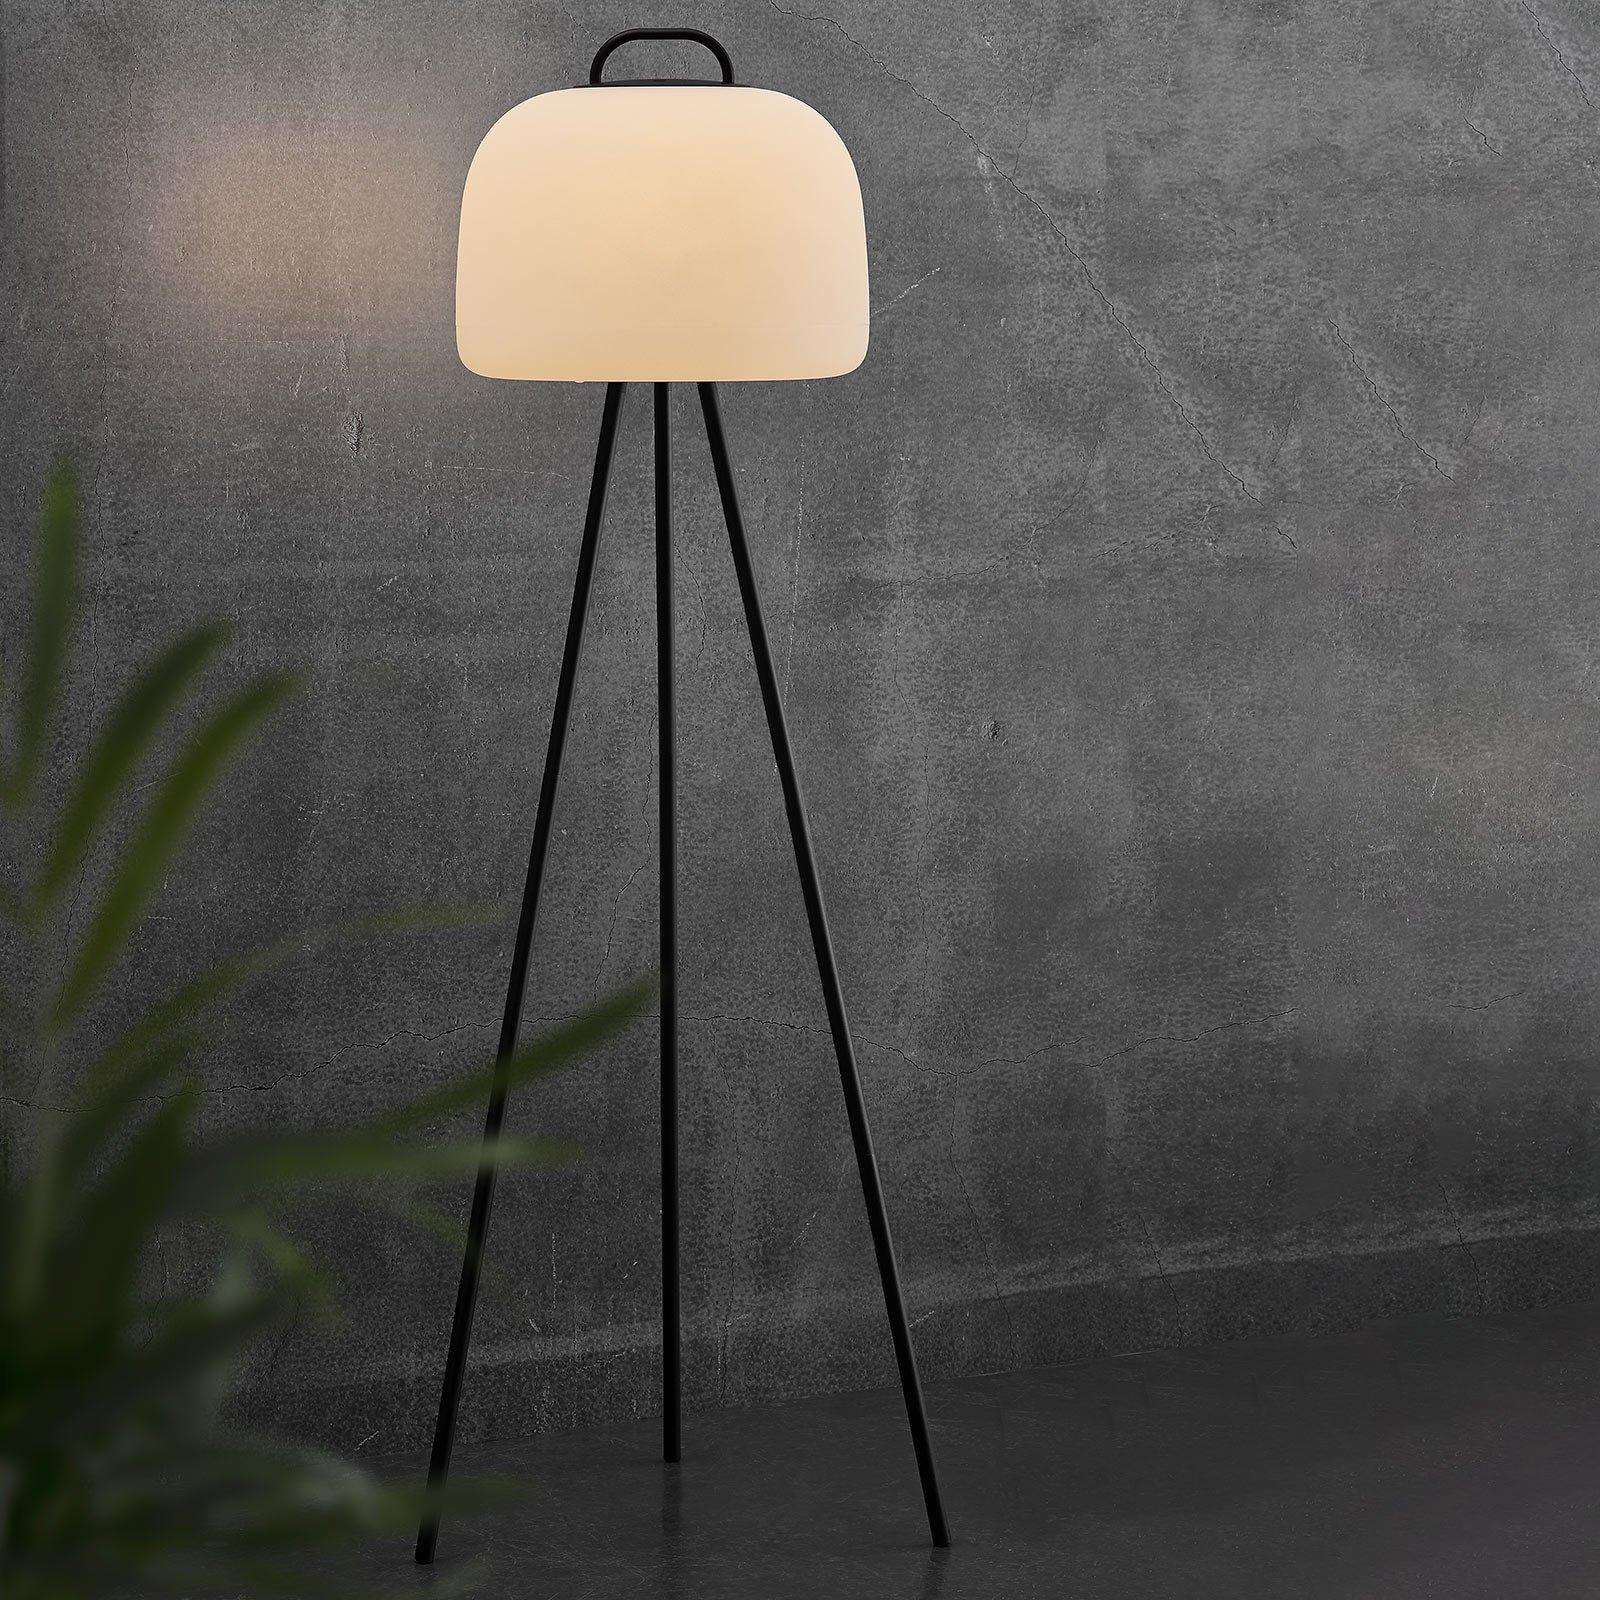 LED-gulvlampe Kettle tripod, metall, skjerm 36 cm